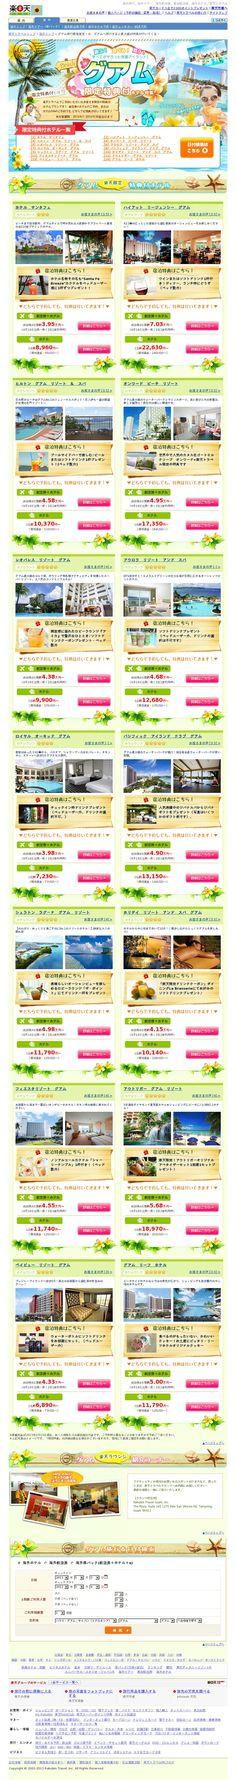 グアム旅行最強宣言!今、グアムへ旅行すると最大級の特典が付いてくる! http://travel.rakuten.co.jp/kaigai/special/guam/hotel/(http://pinstamatic.com)